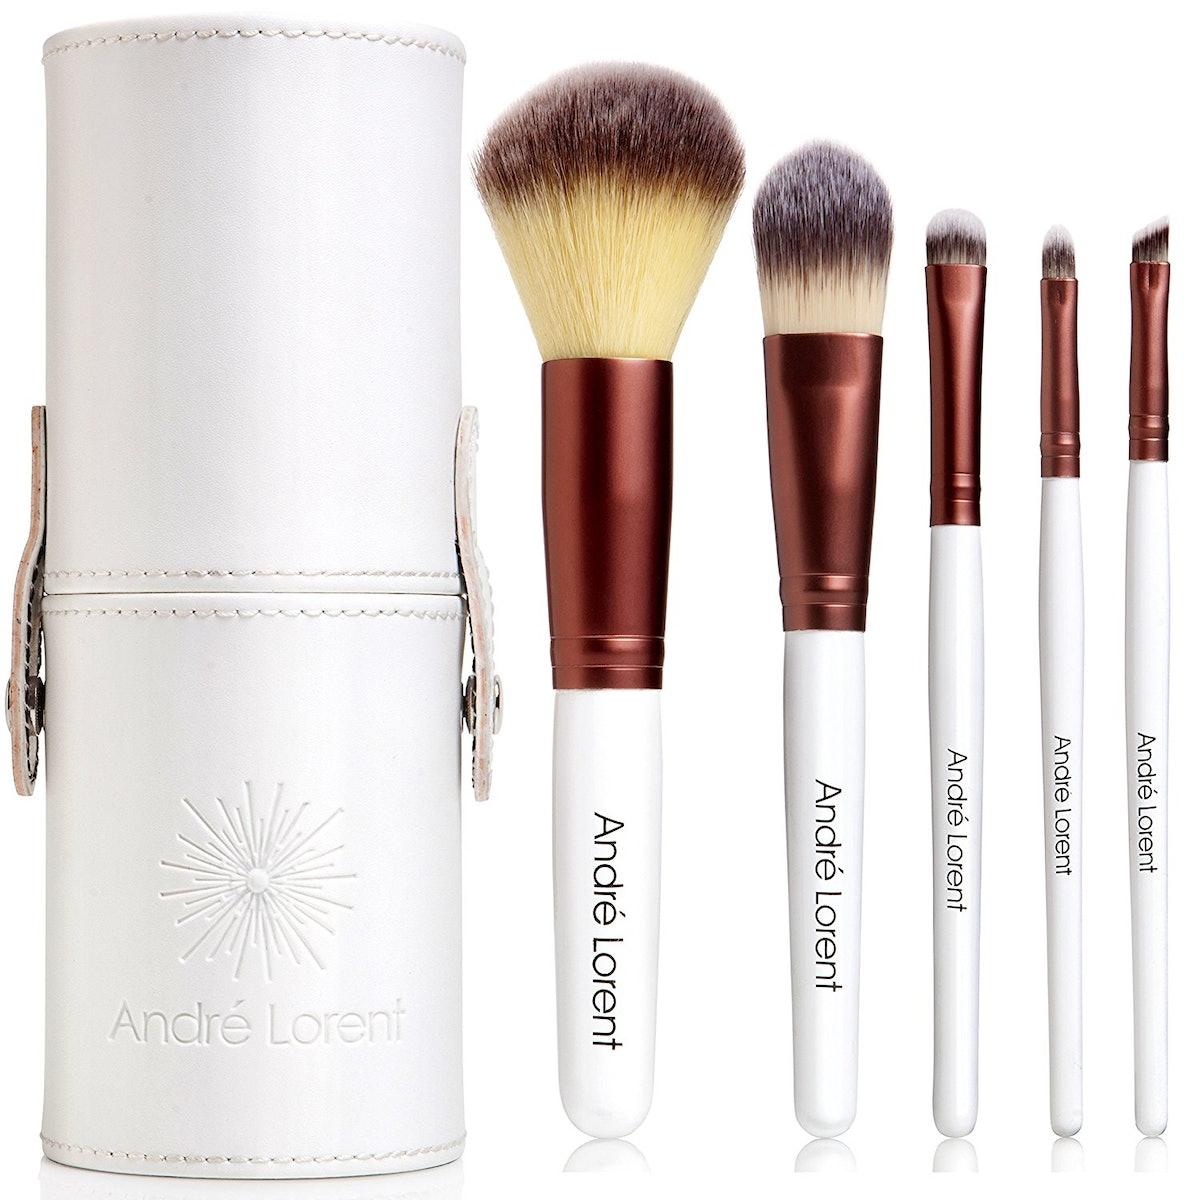 Andre Lorent 5-Piece Vegan Makeup Brush Set